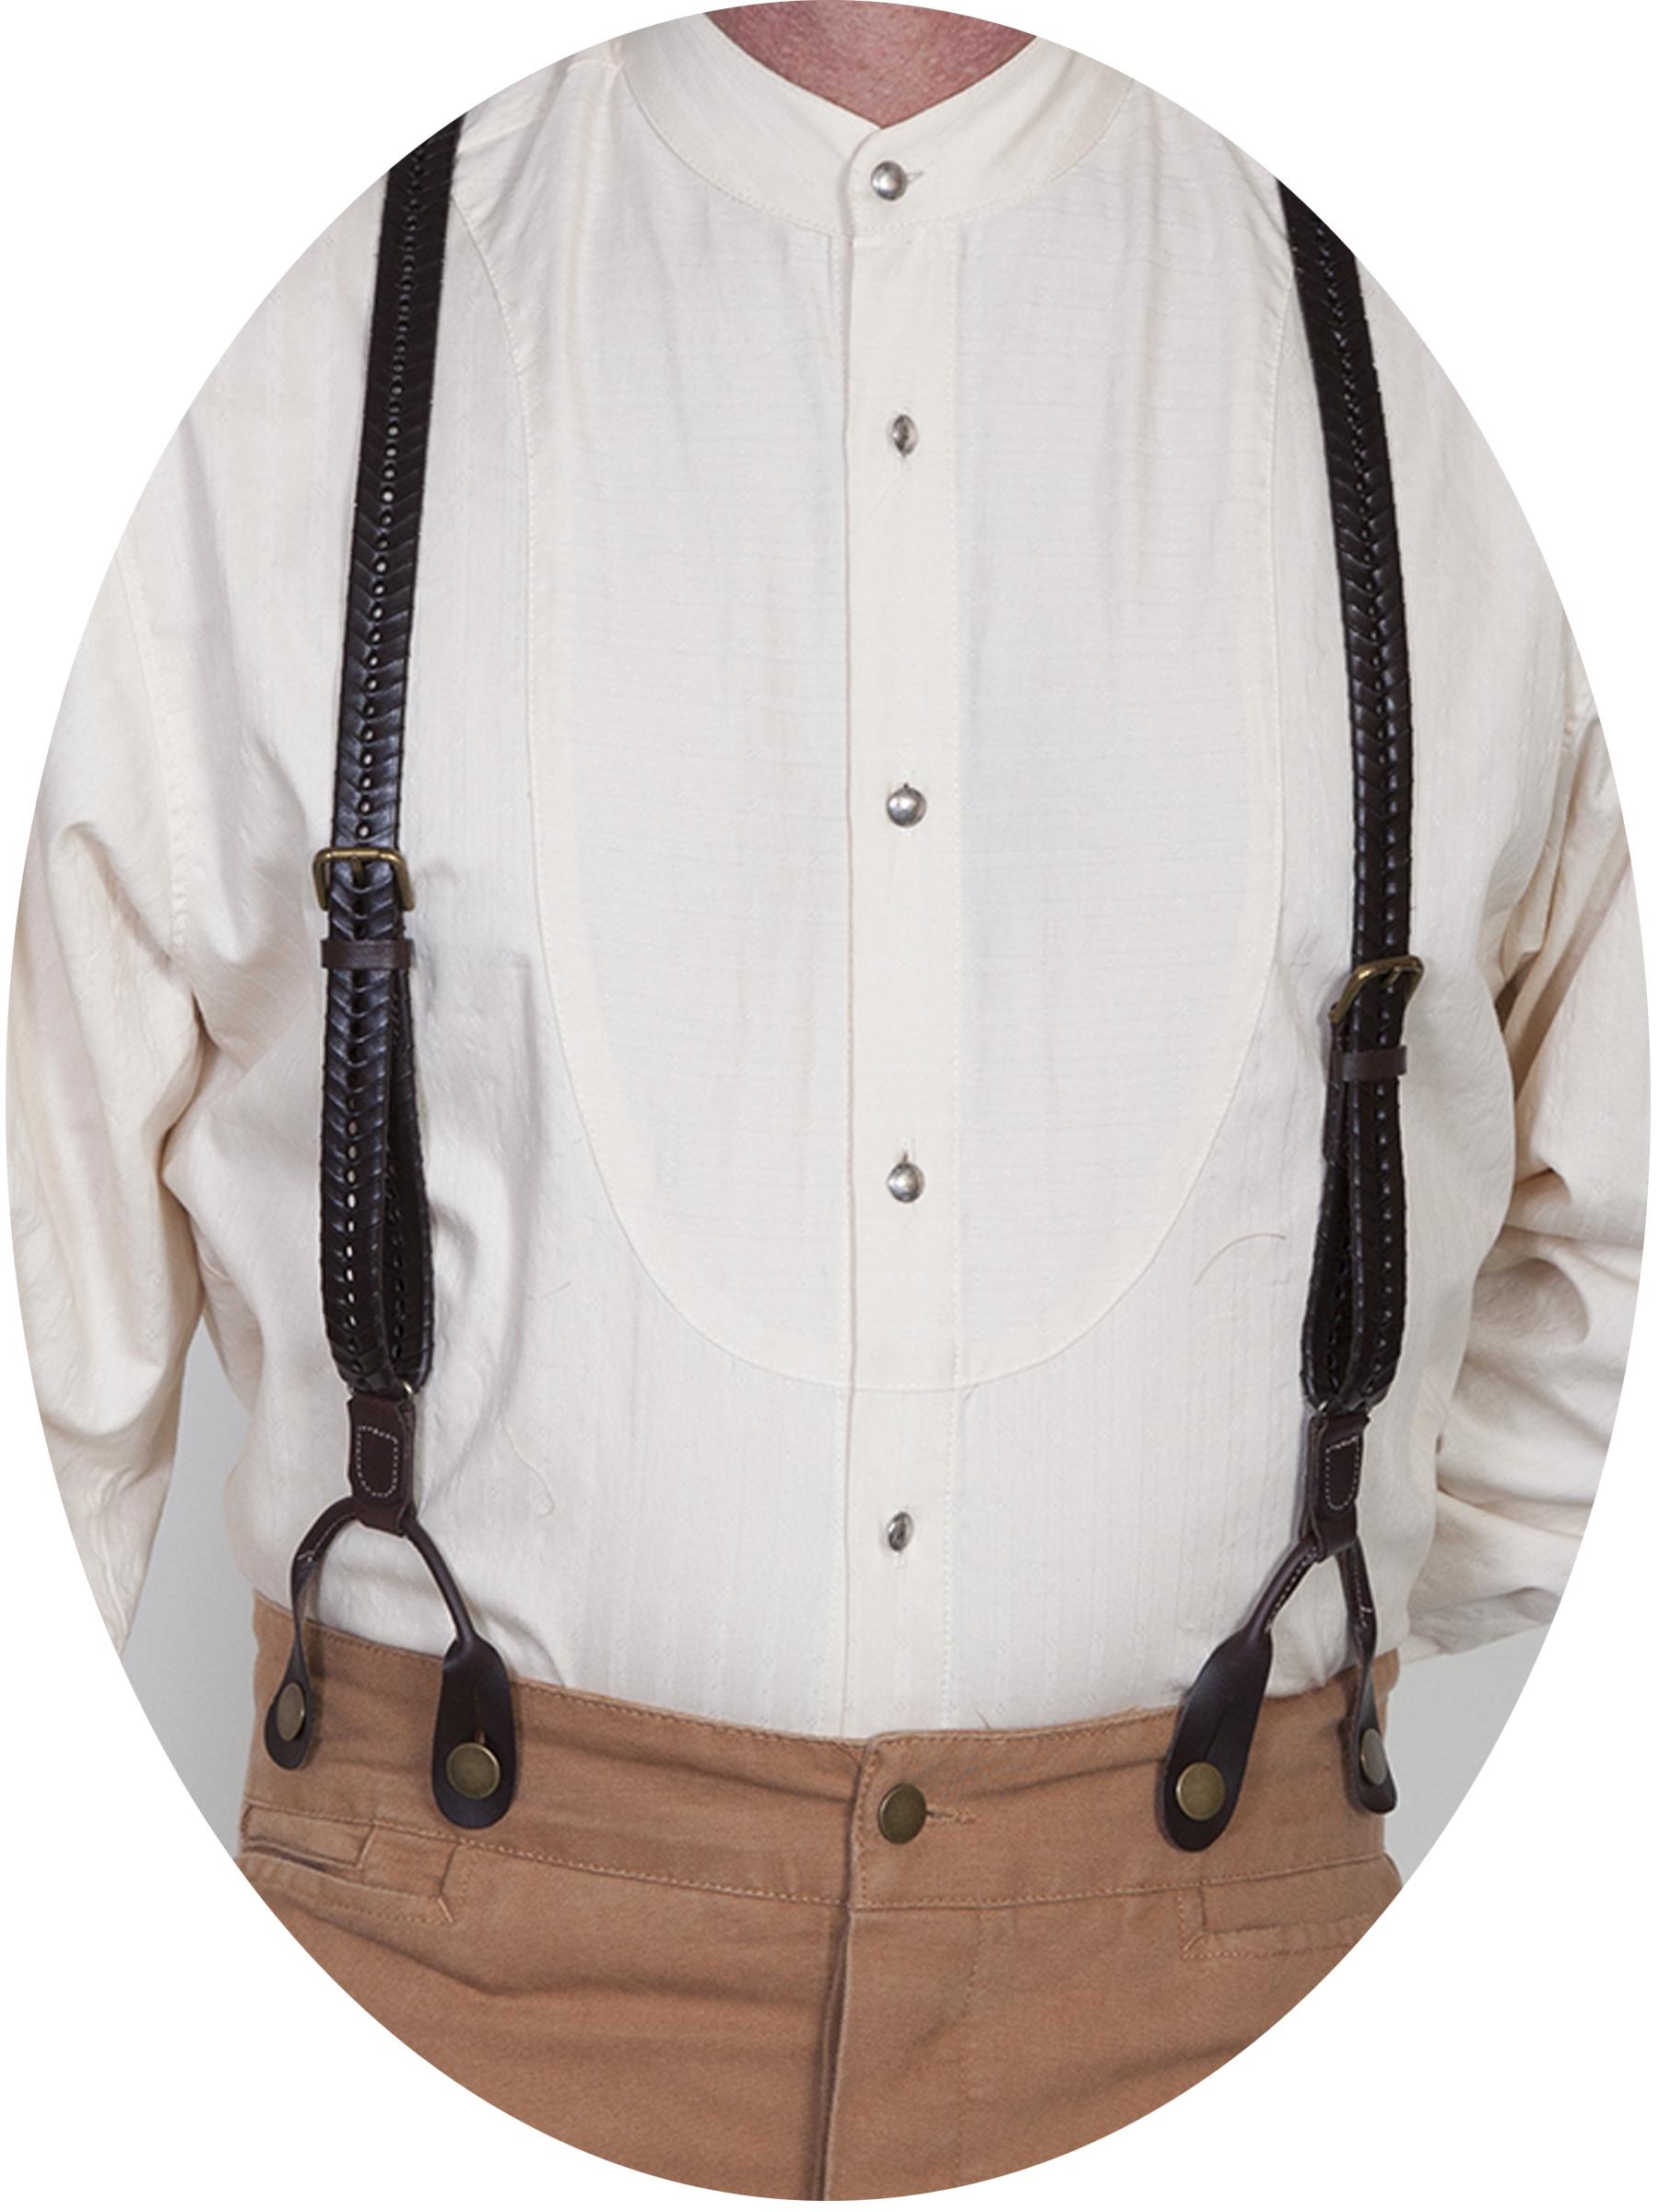 3/4 INCH flat braided suspender